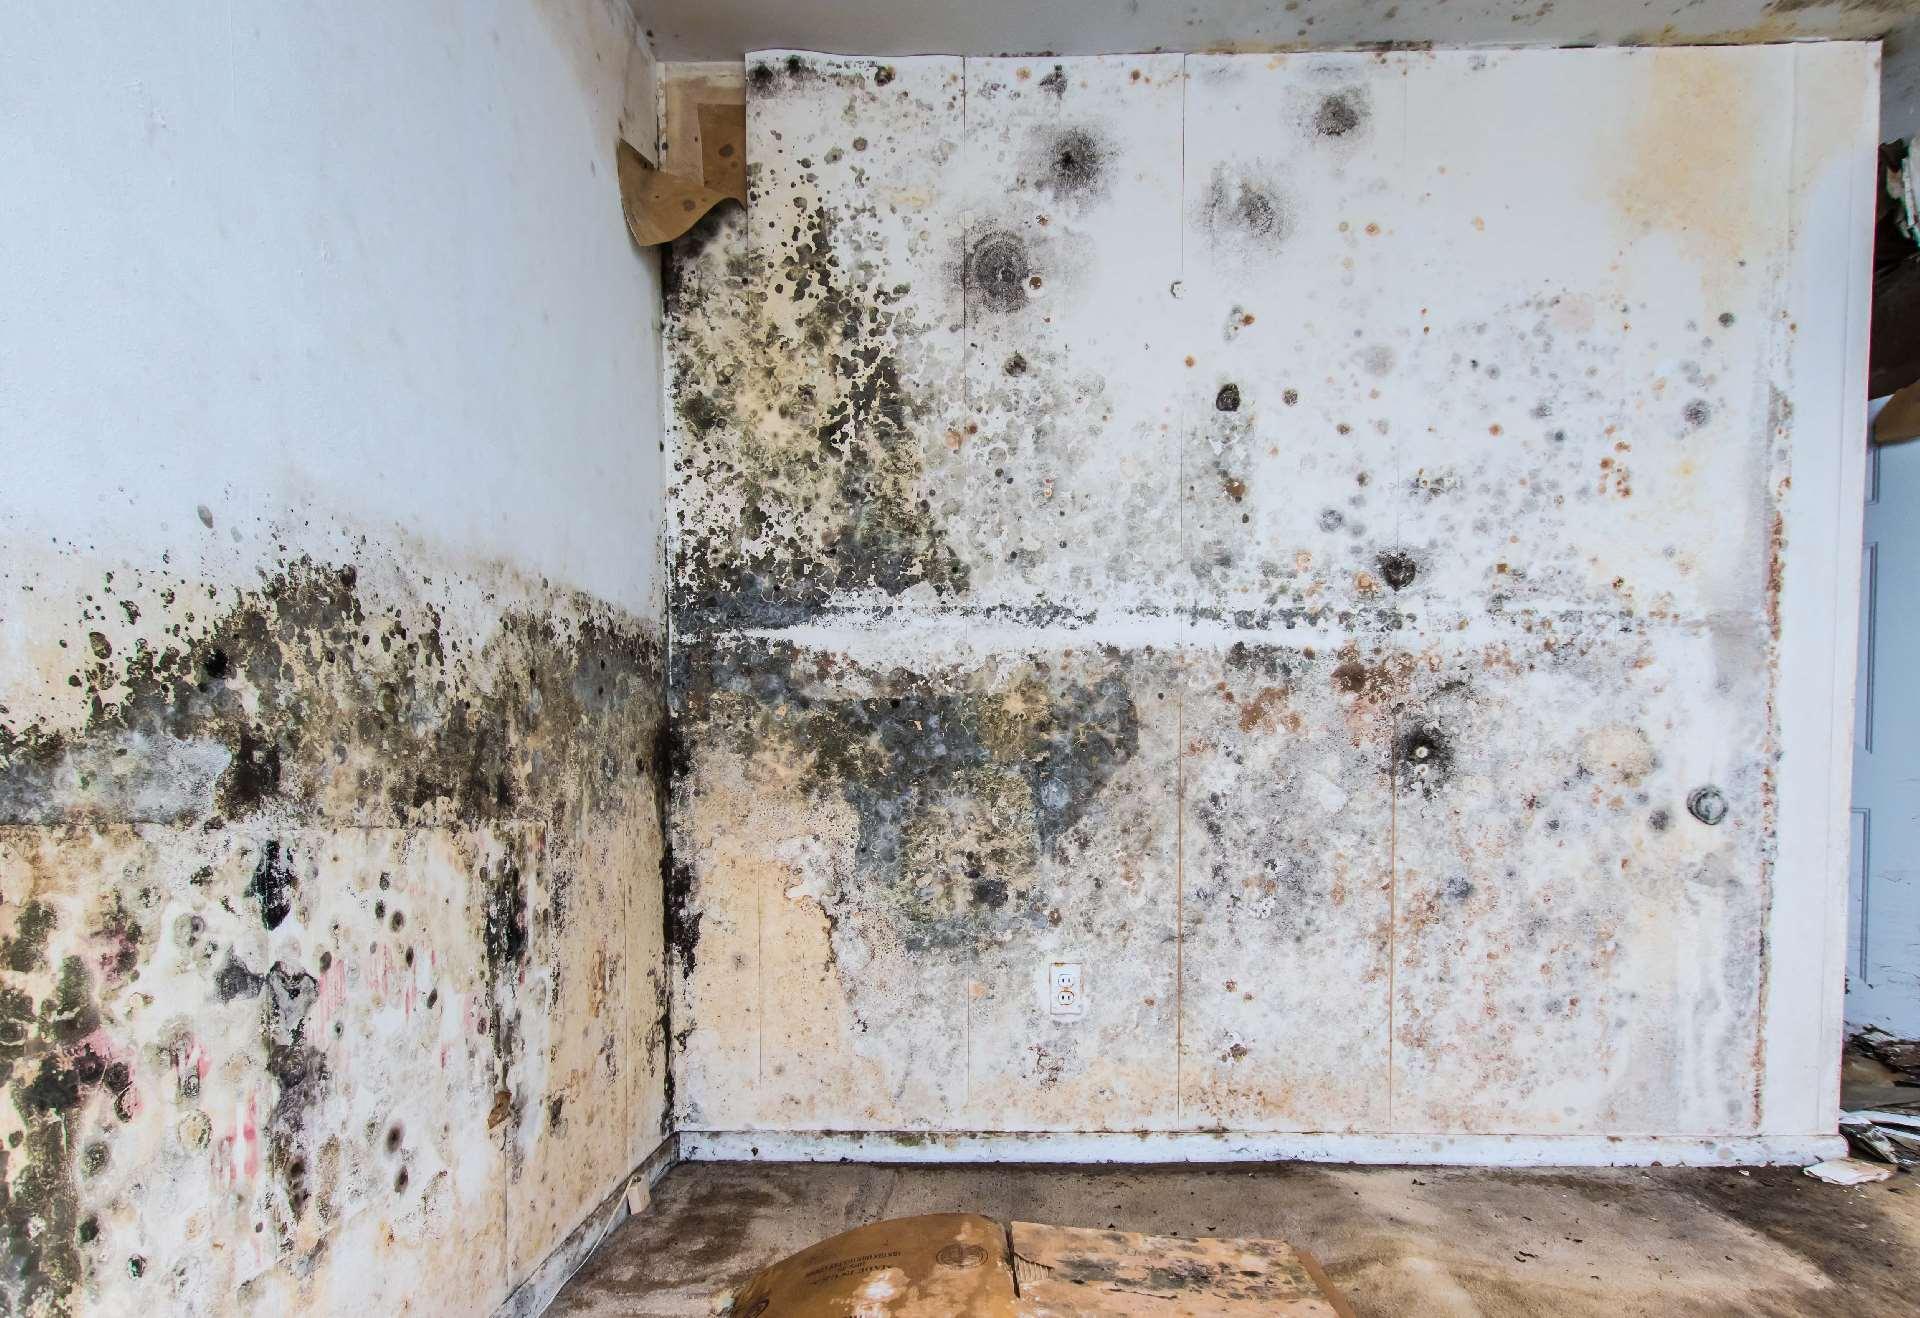 Hervorragend Kellersanierung   Kellerwand sanieren von Innen und Außen XT12